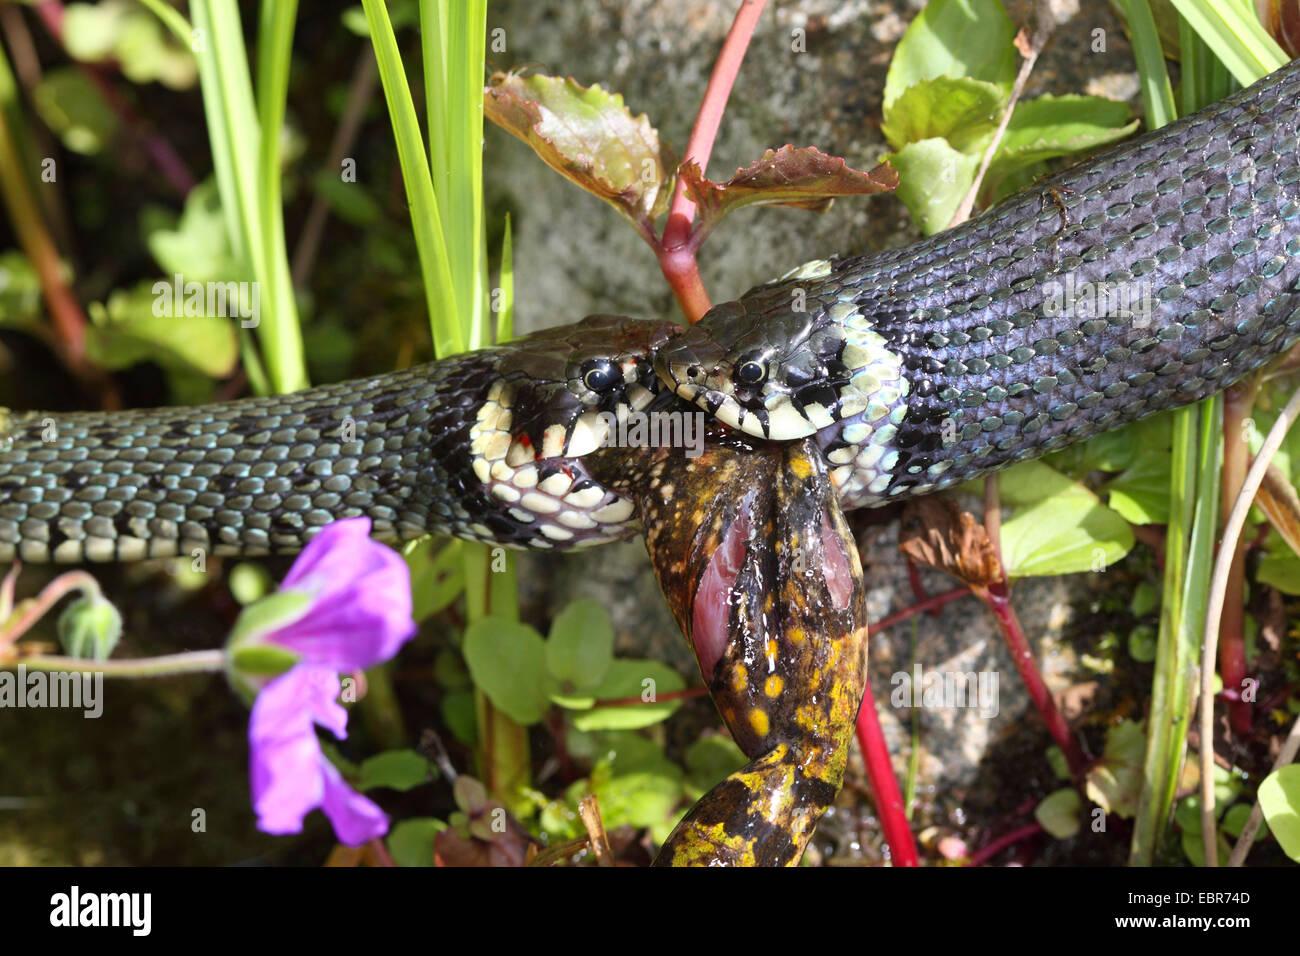 Biscia dal collare (Natrix natrix), serie immagine 7, due serpenti in lotta per una rana, Germania, Meclemburgo Immagini Stock